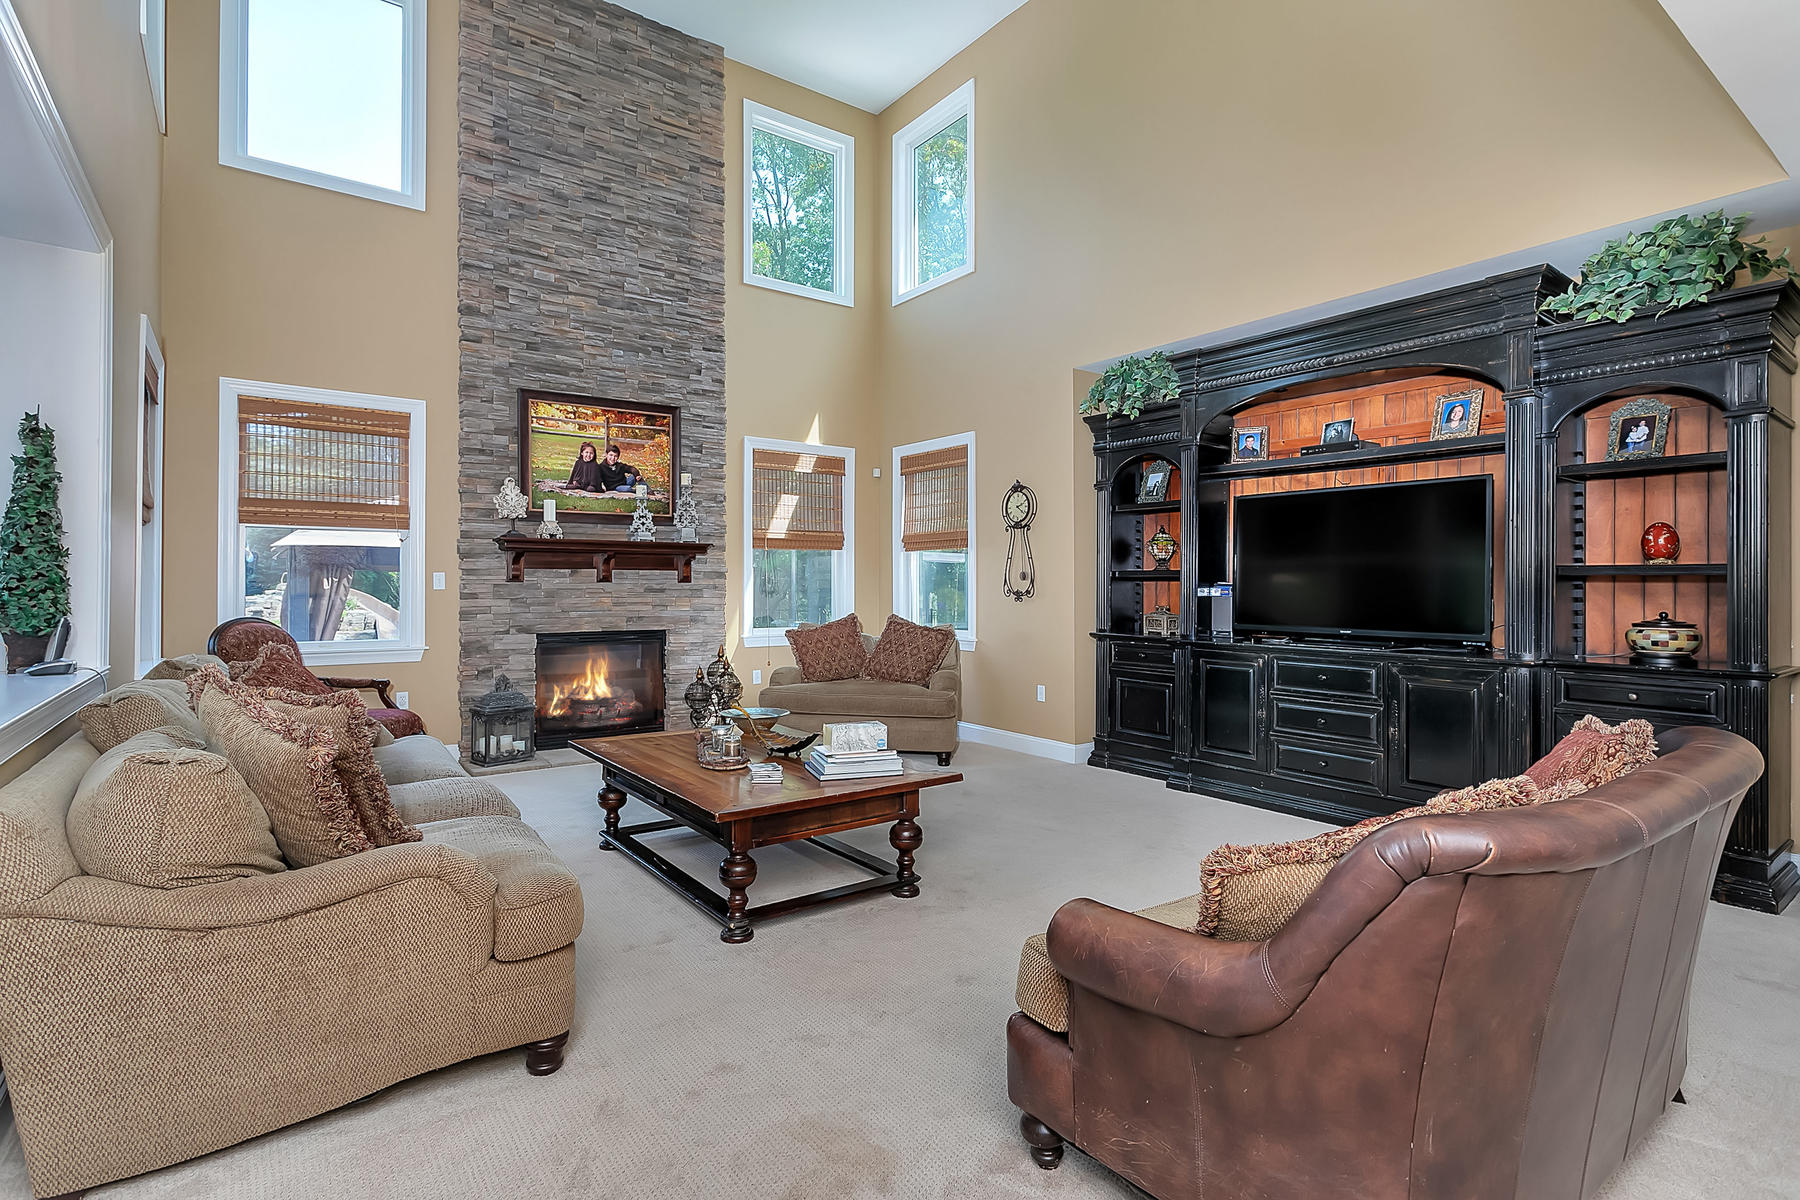 Частный односемейный дом для того Продажа на 1643 Mink Court Toms River, Нью-Джерси 08753 Соединенные Штаты